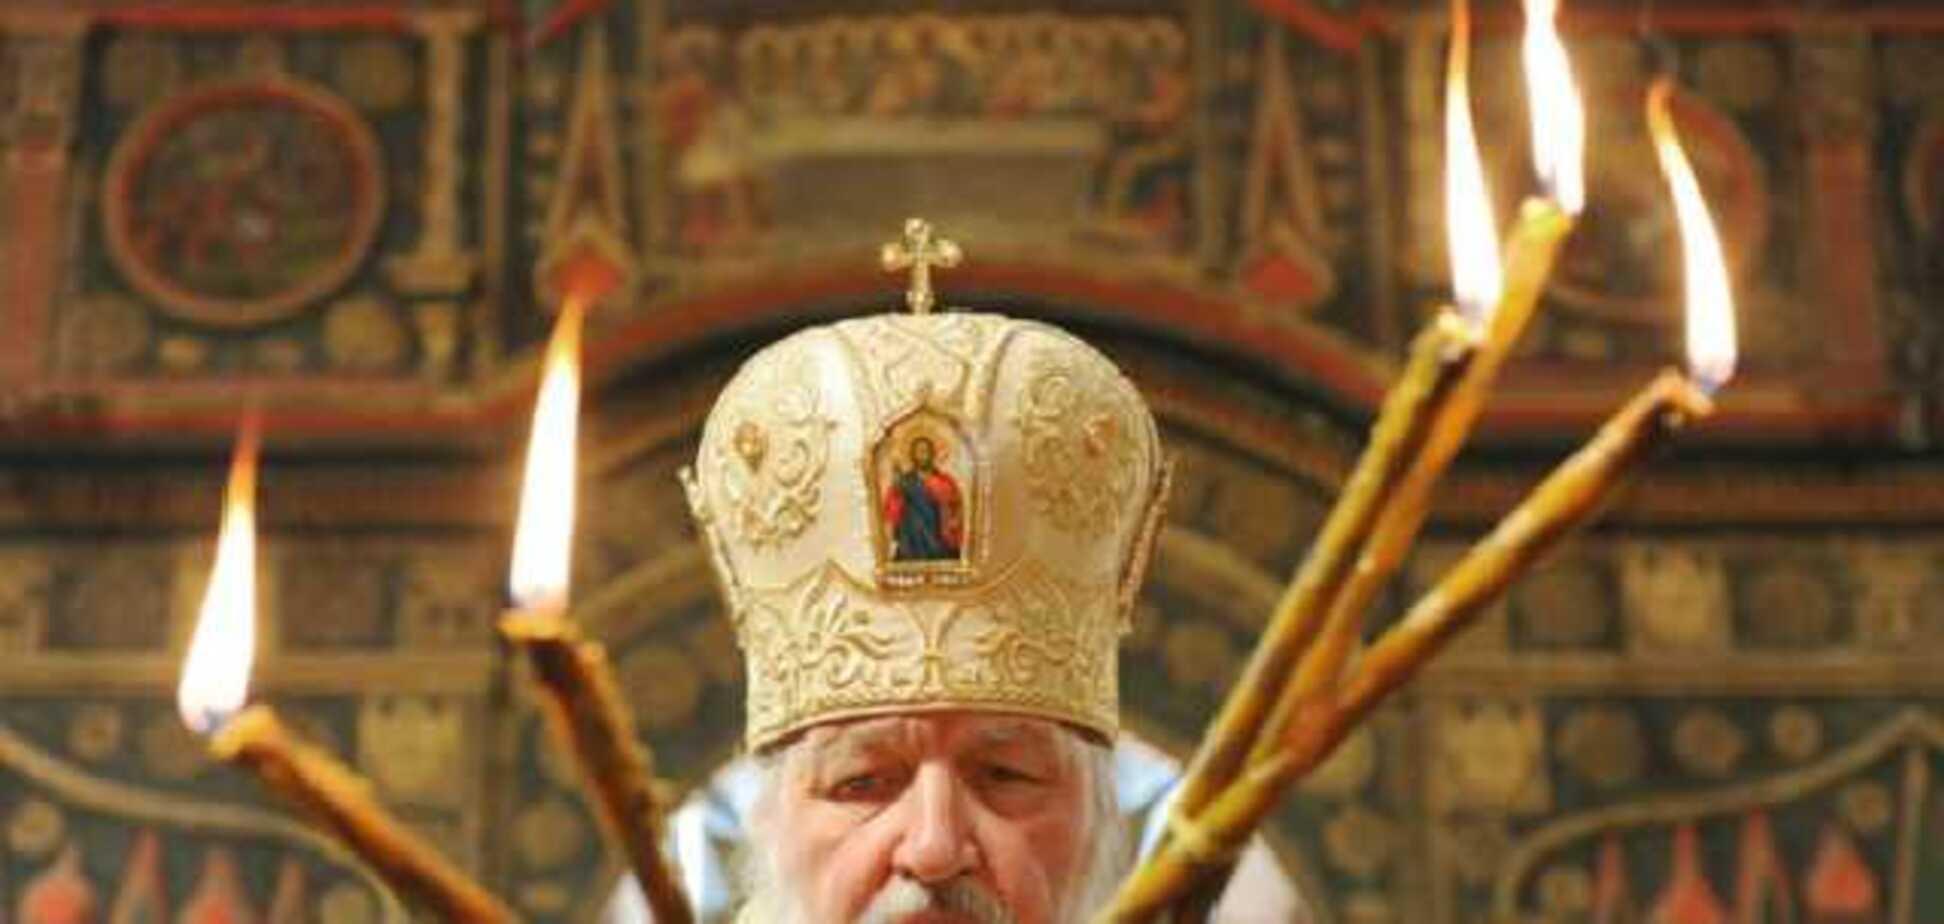 Автокефалія УПЦ: в Україні розвінчали міфи РПЦ